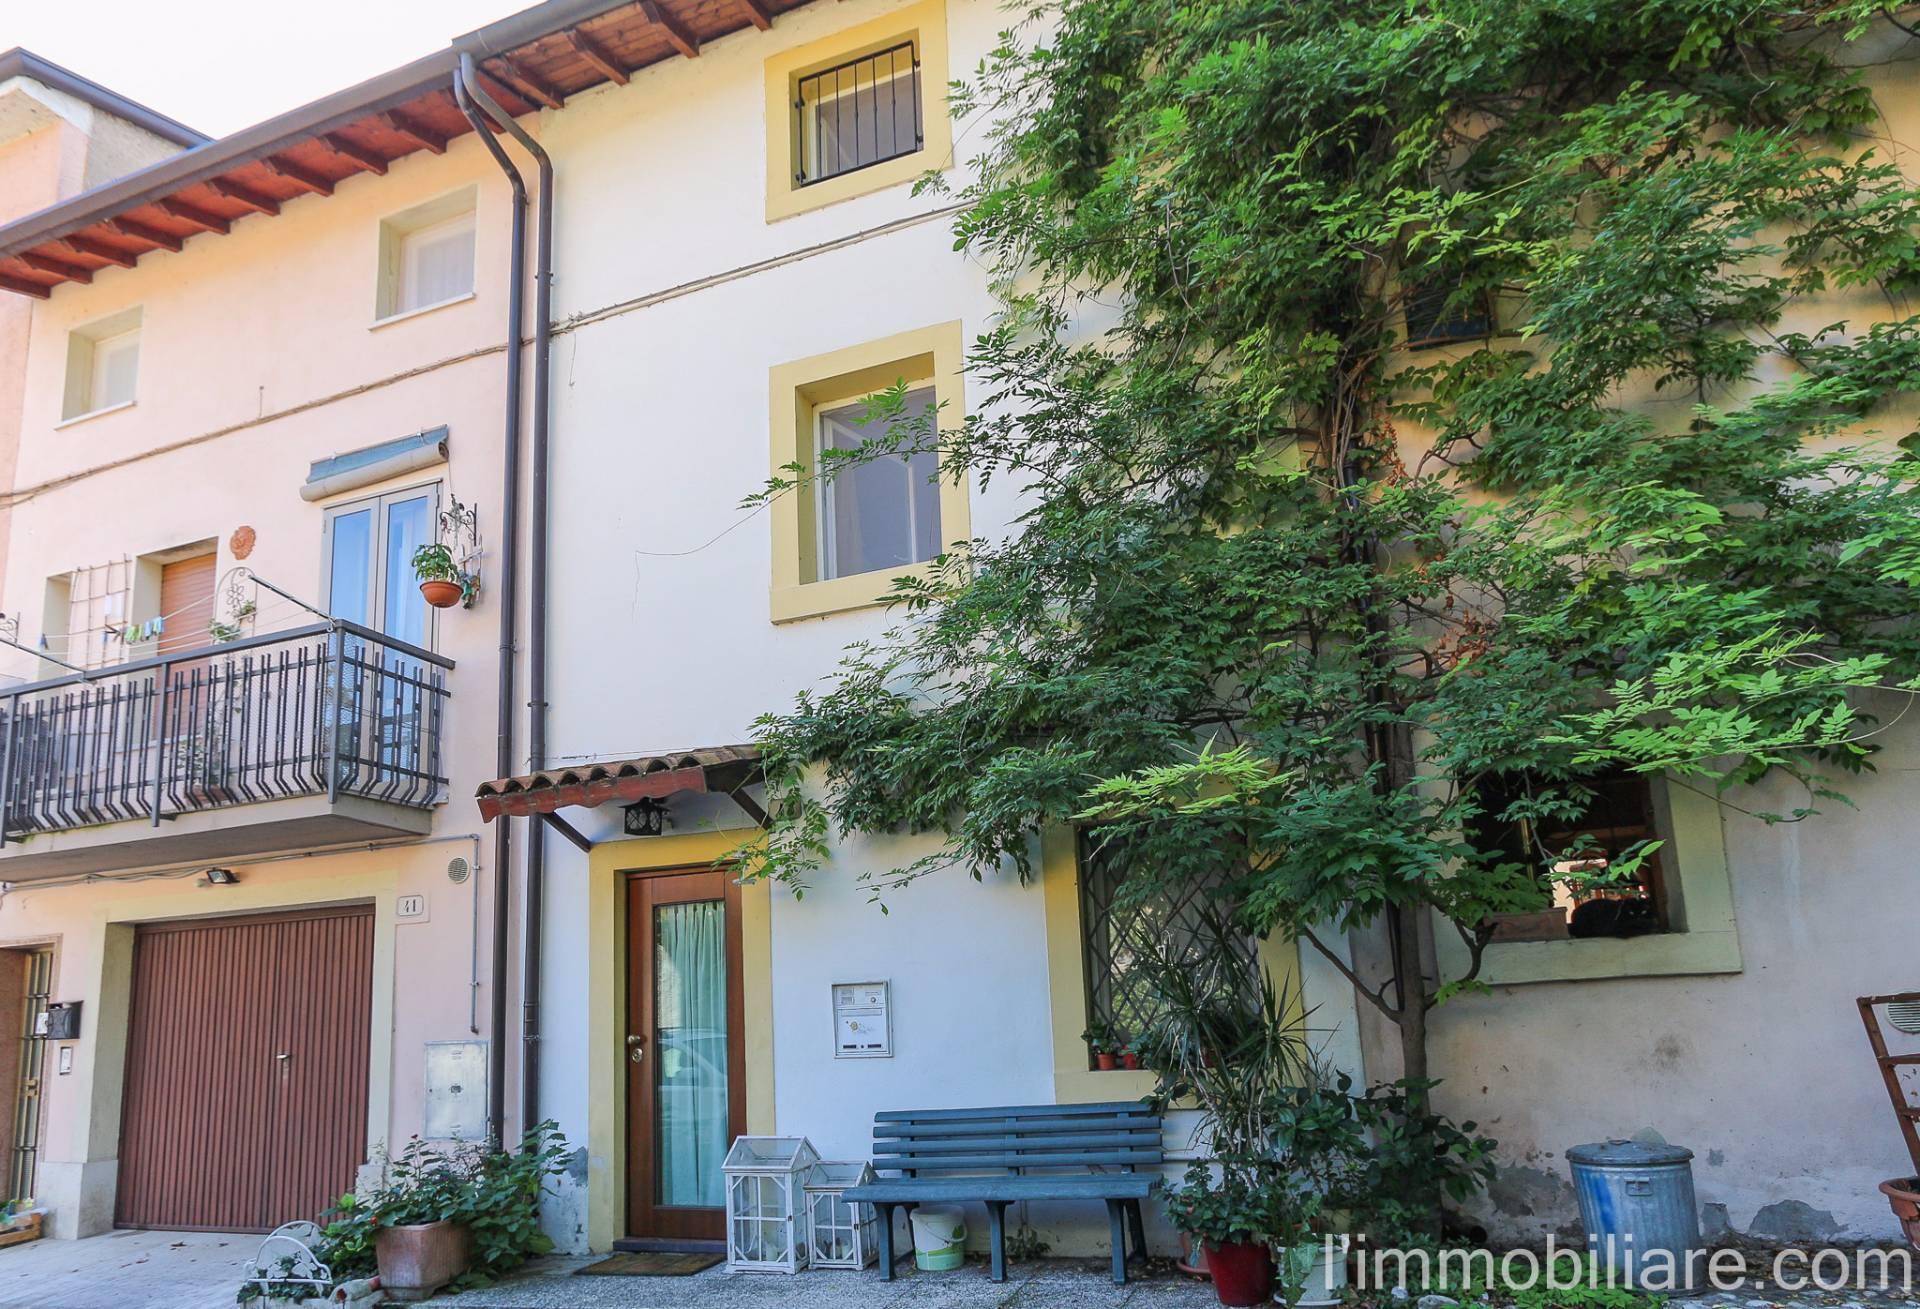 Rustico / Casale in vendita a Verona, 4 locali, zona Zona: 4 . Saval - Borgo Milano - Chievo, prezzo € 210.000 | Cambio Casa.it